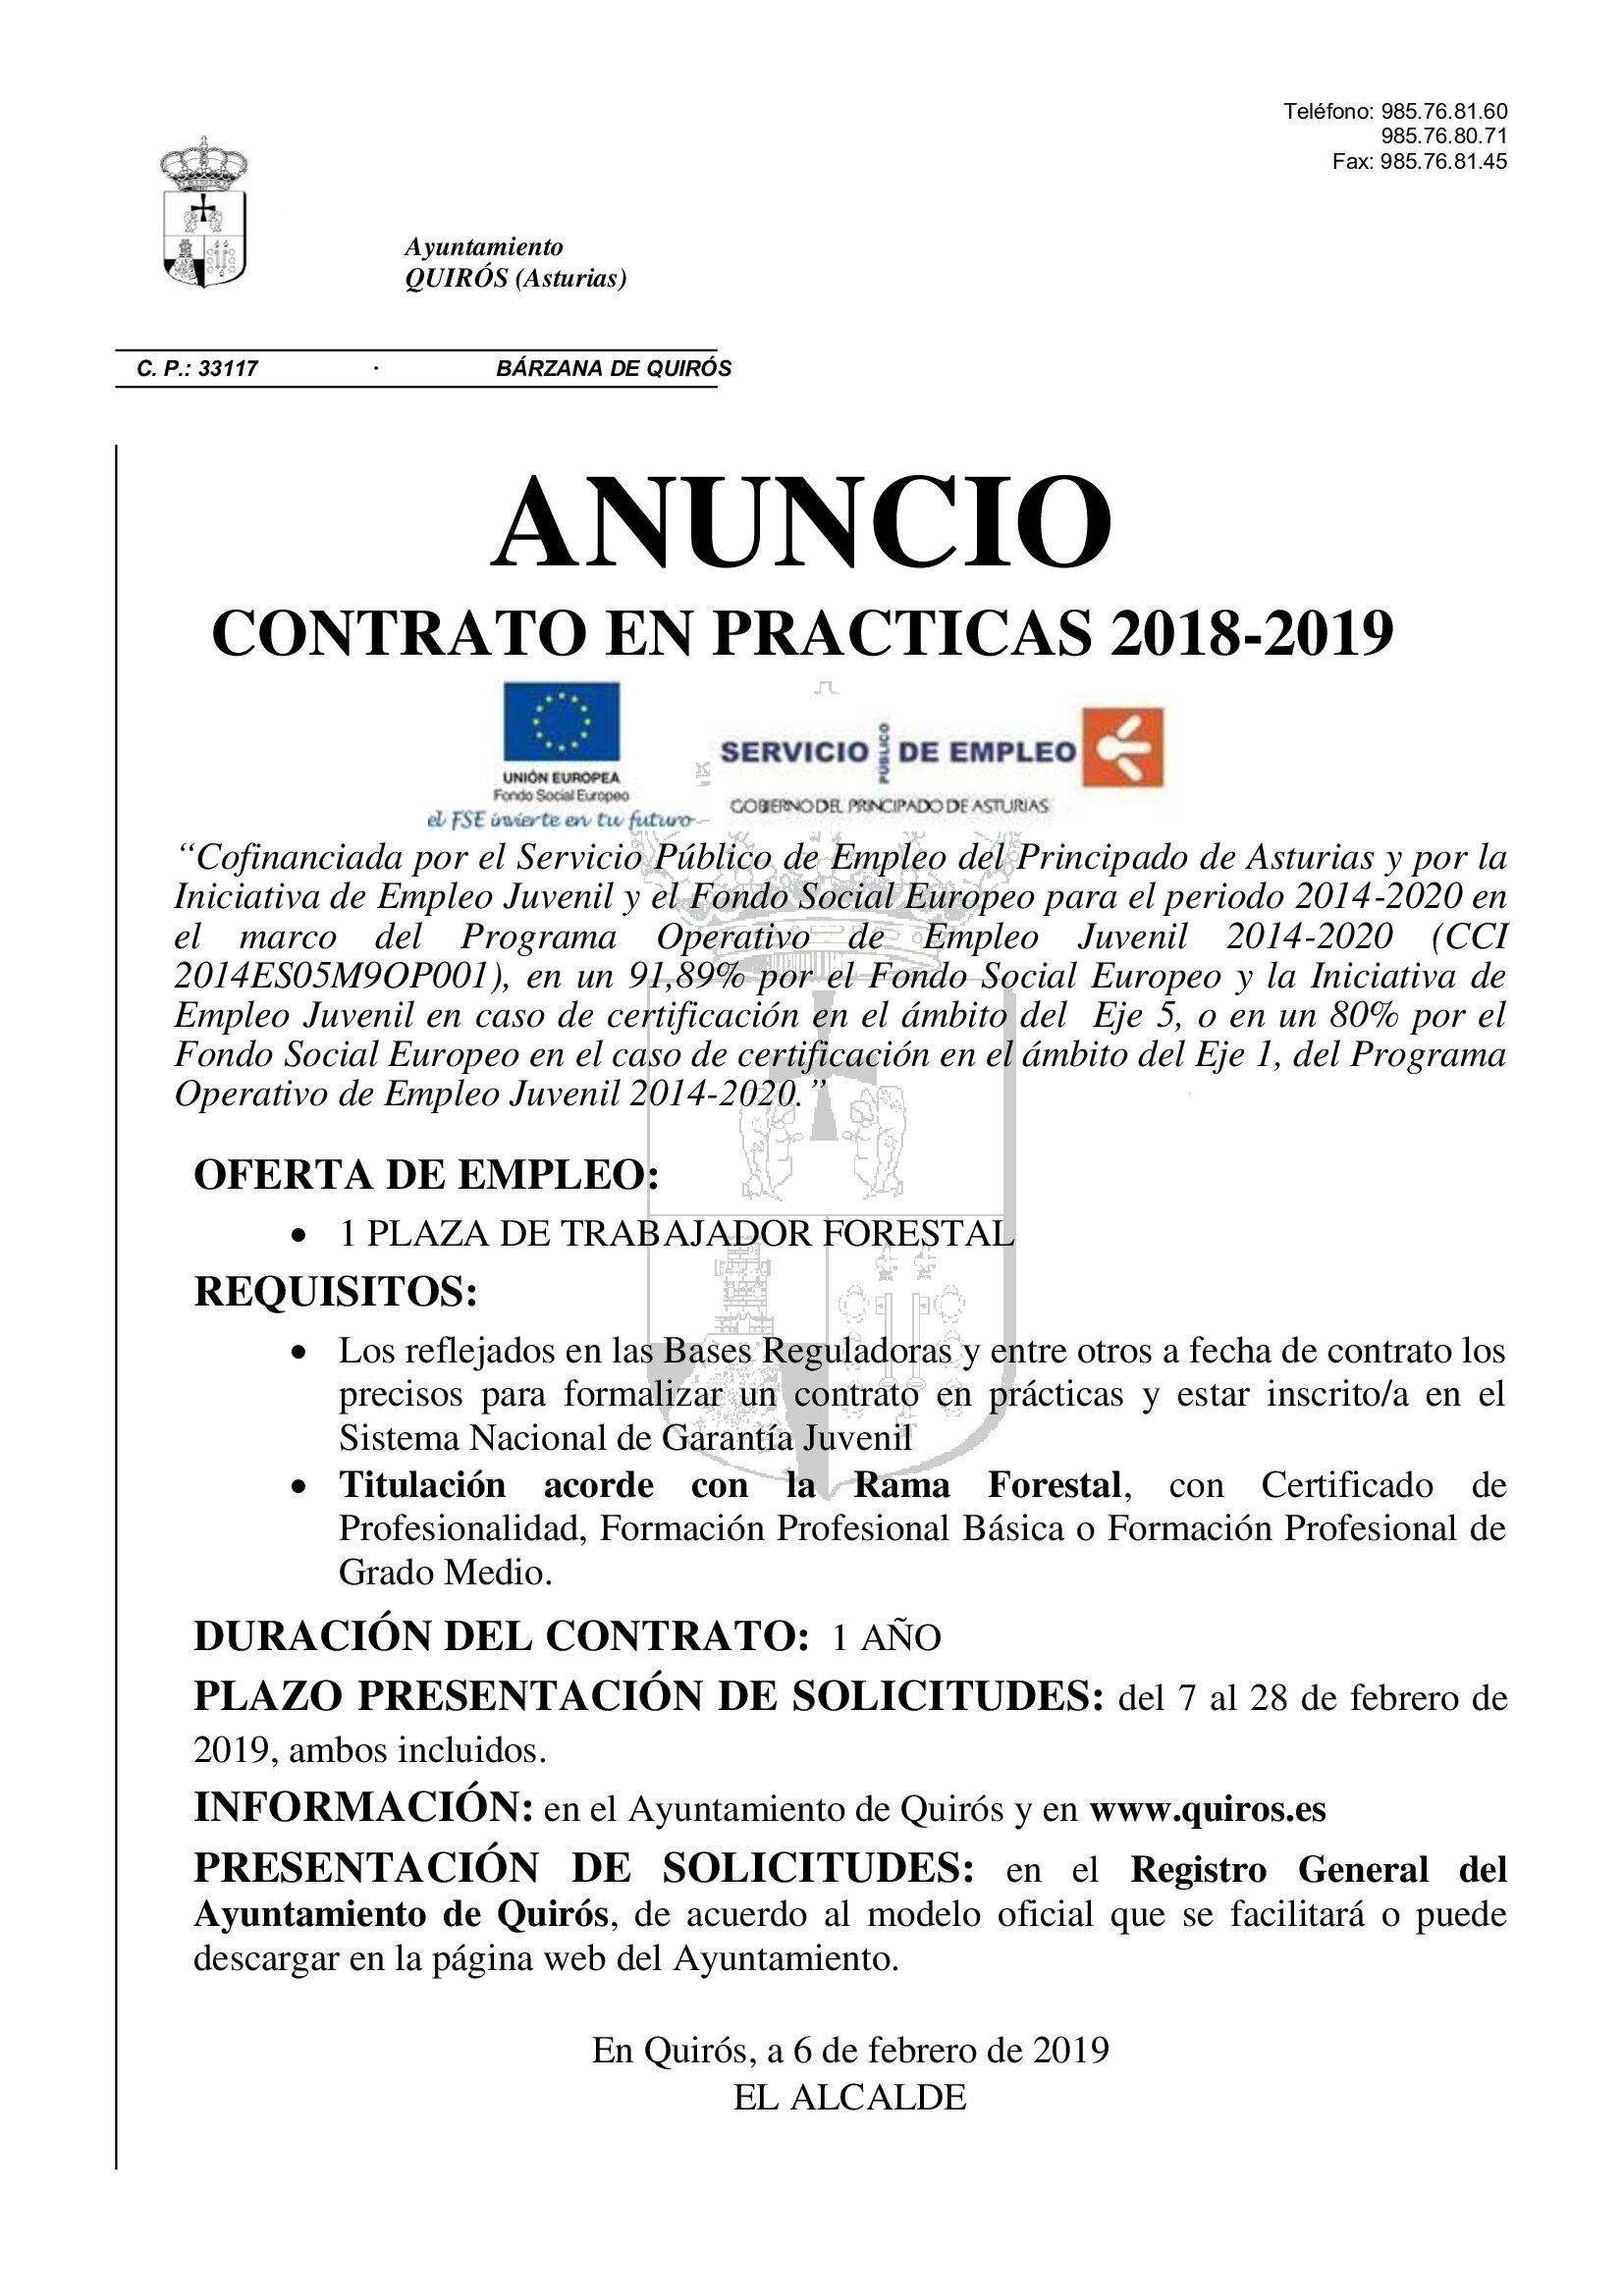 Anuncio contrato prácticas Ayto Quirós